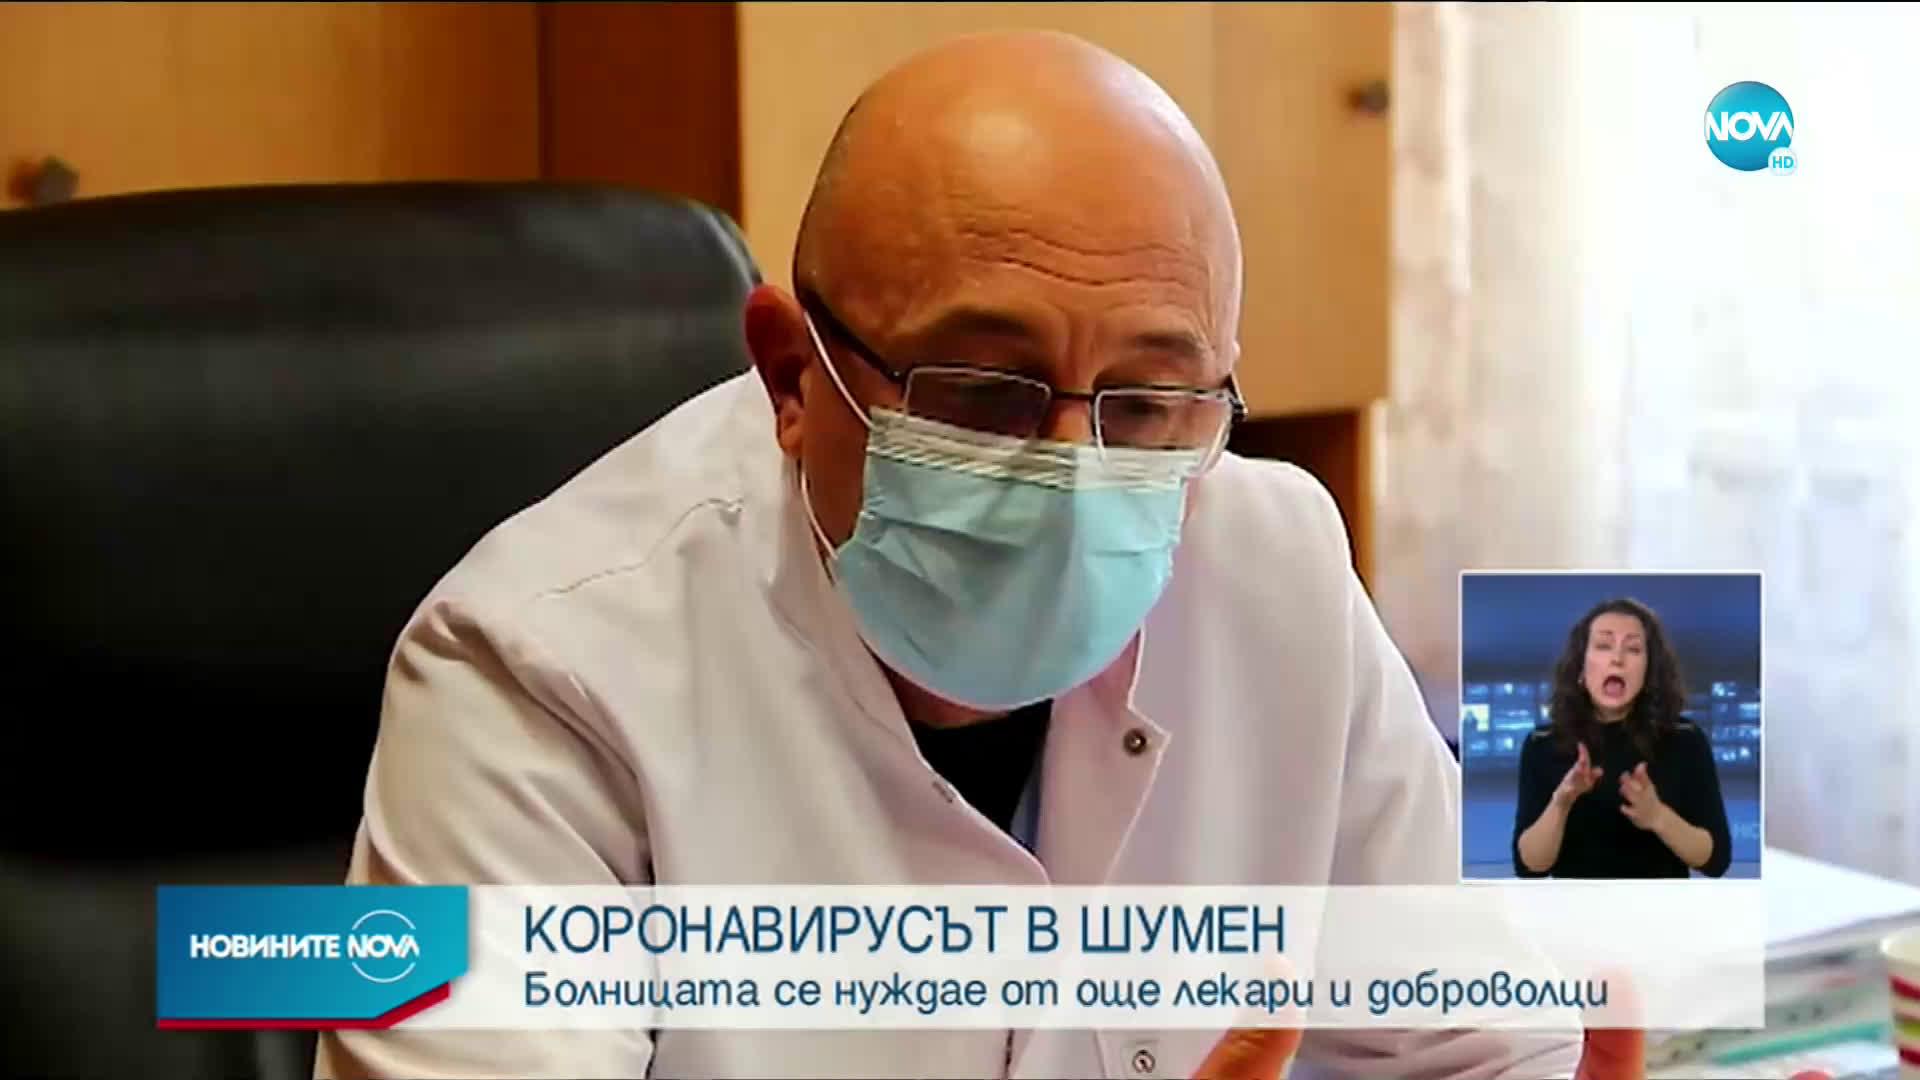 Болницата в Шумен се нуждае от още лекари и доброволци